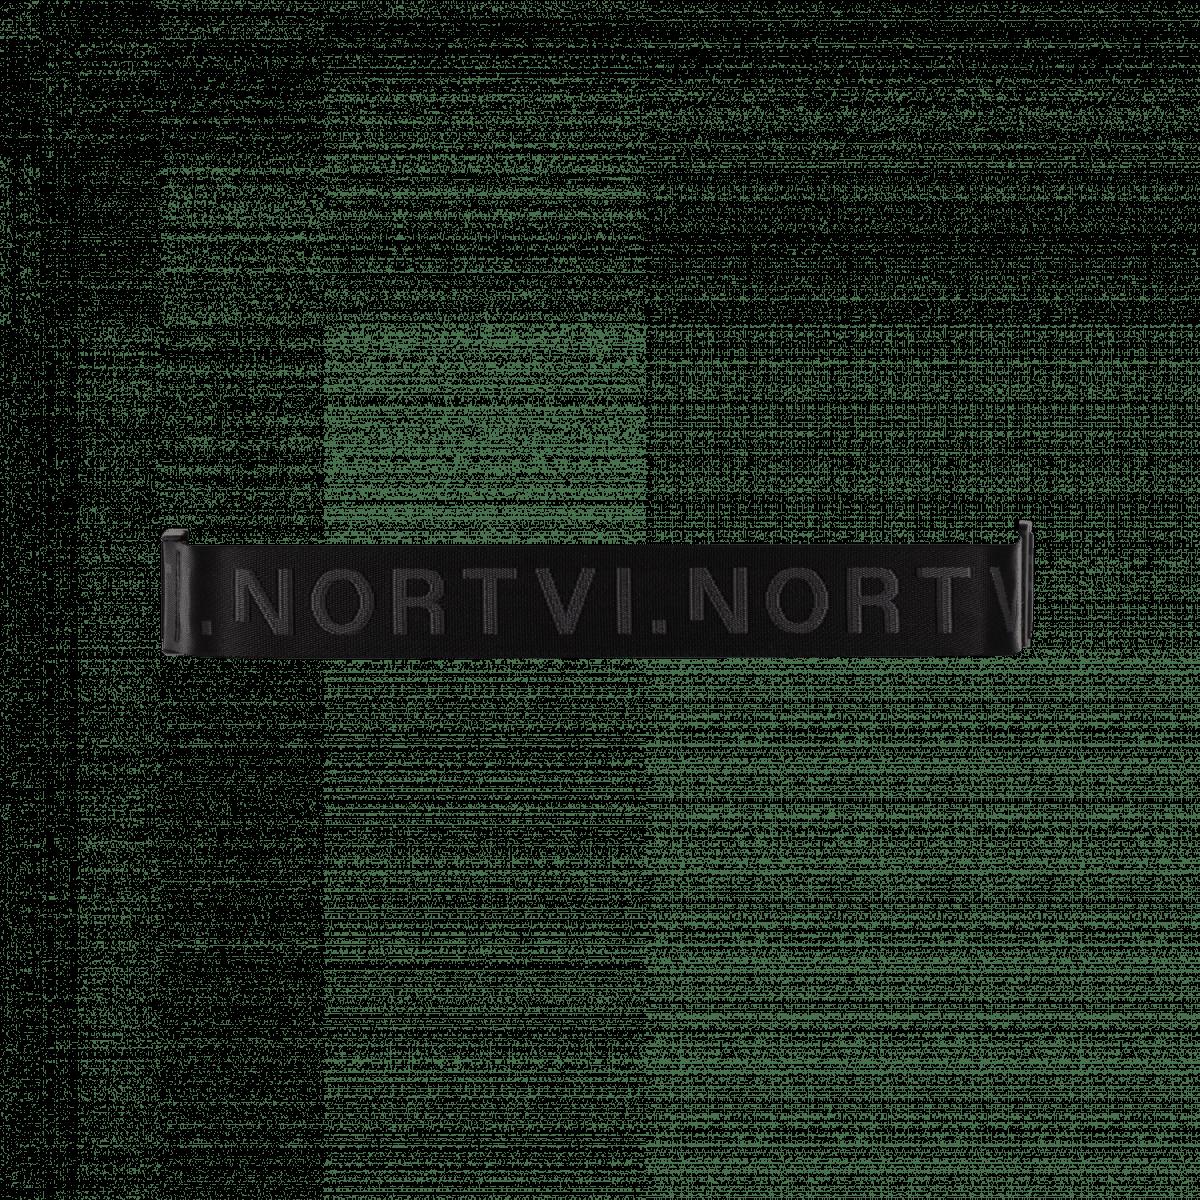 NORTVI strap gepersonaliseerd reis travelgear